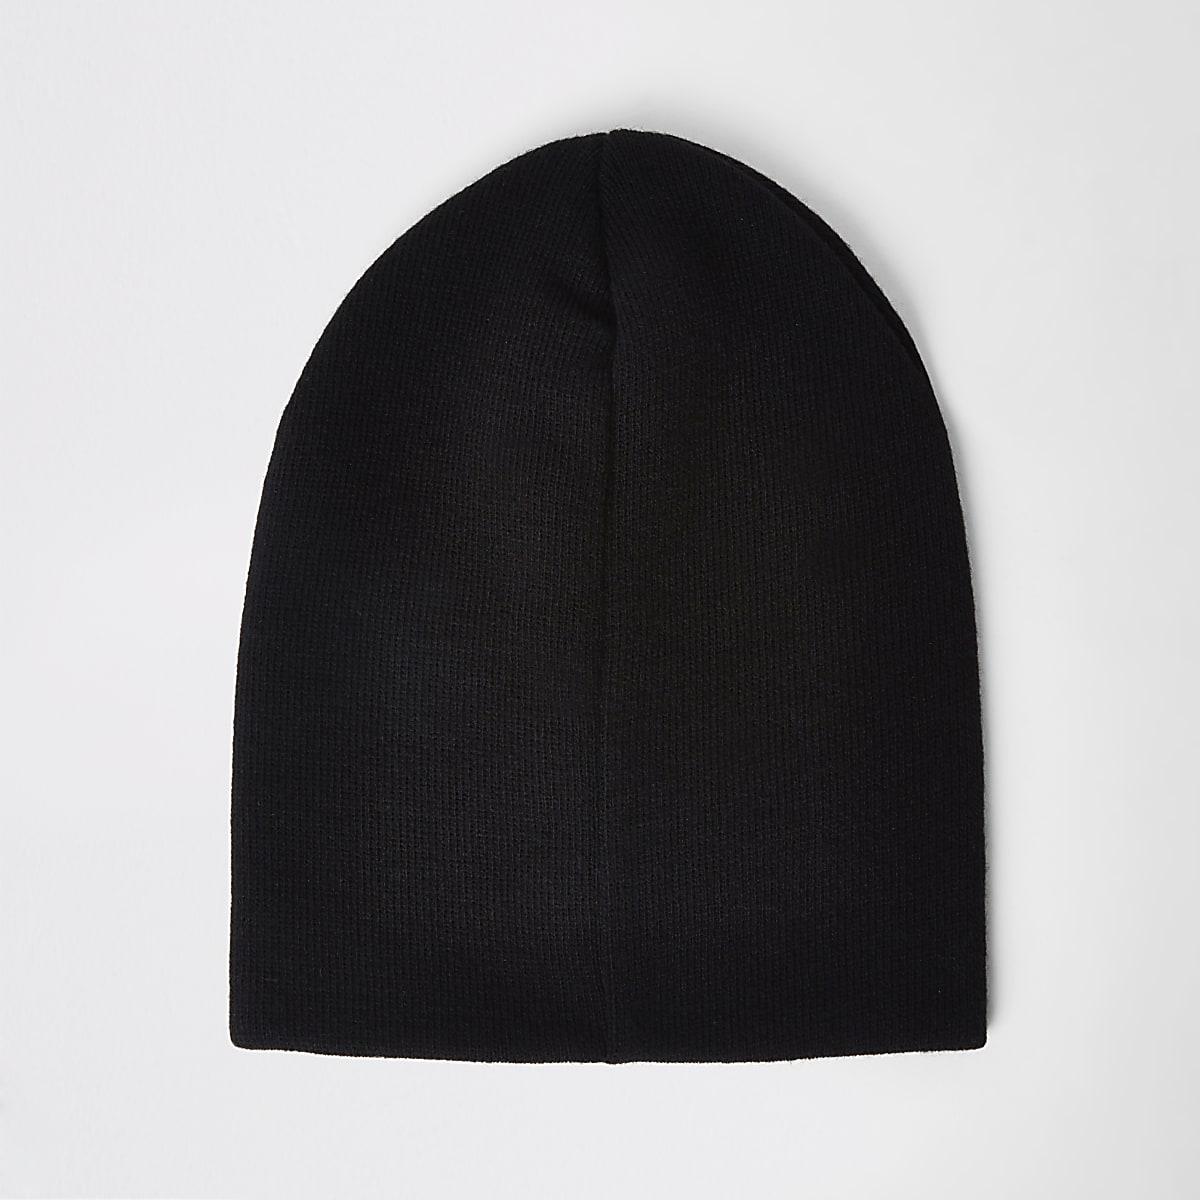 Bonnet noir souple